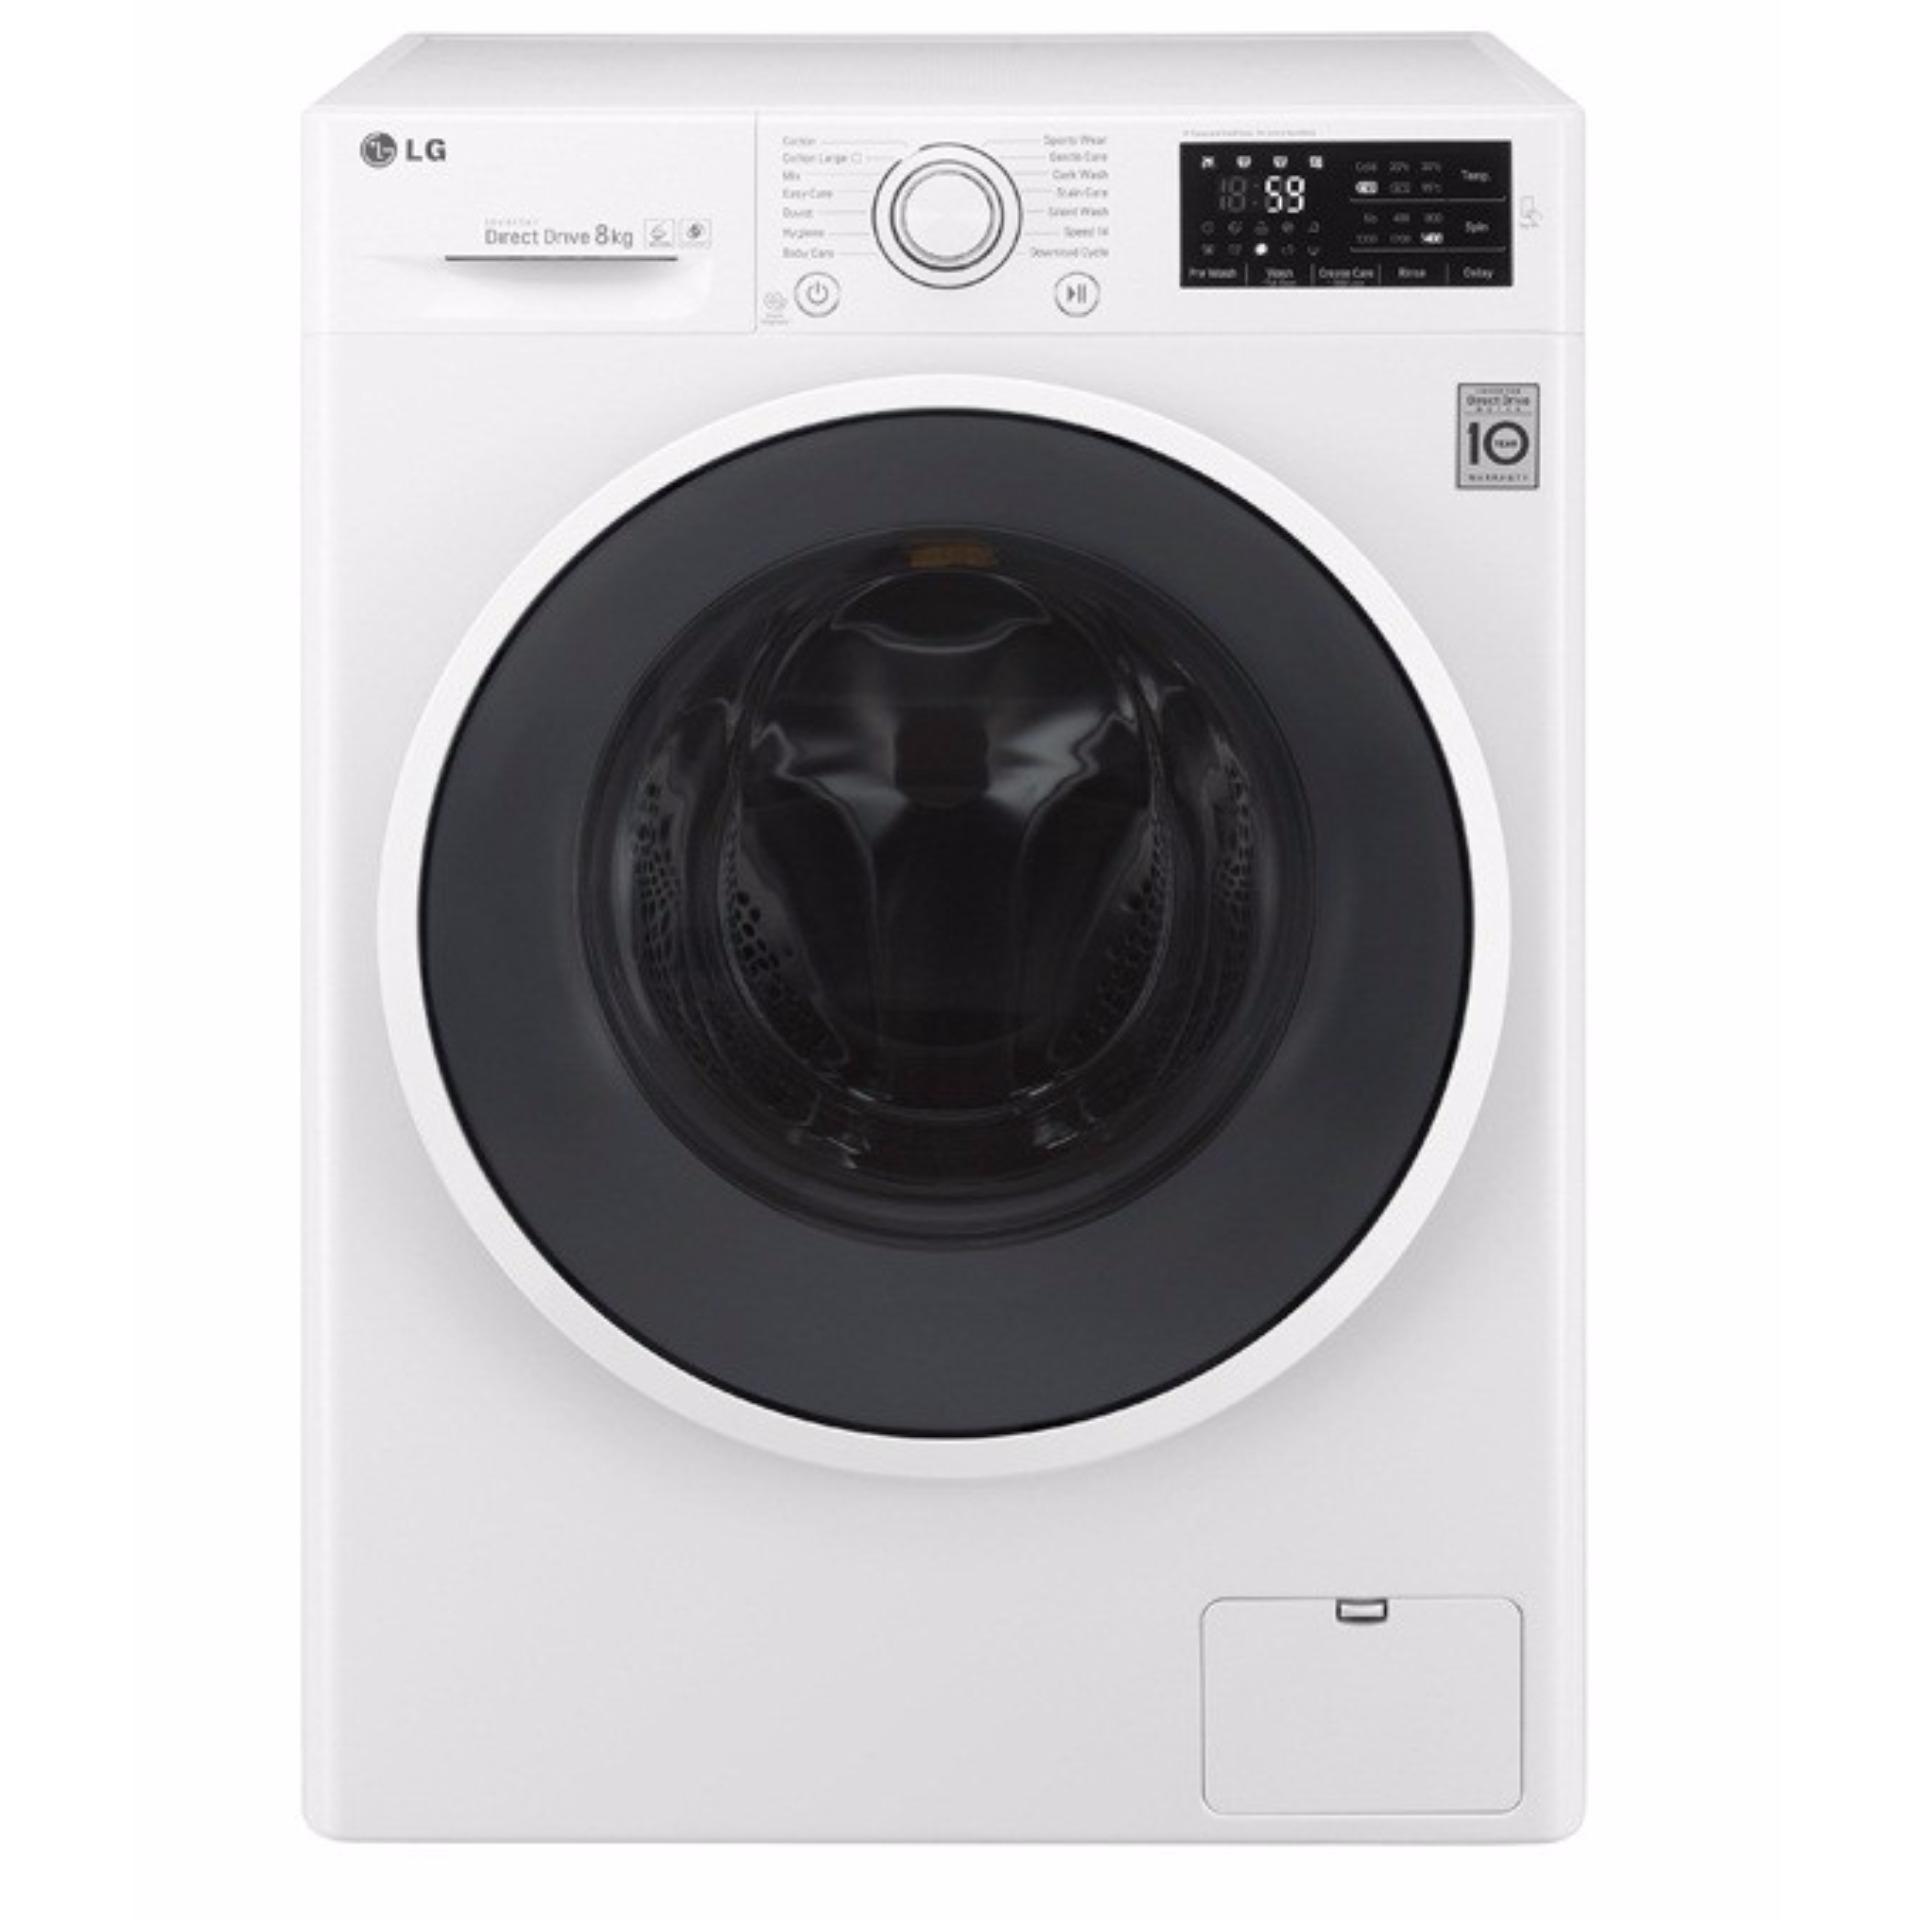 Máy giặt lồng ngang LG FC1408S4W1 (Trắng)